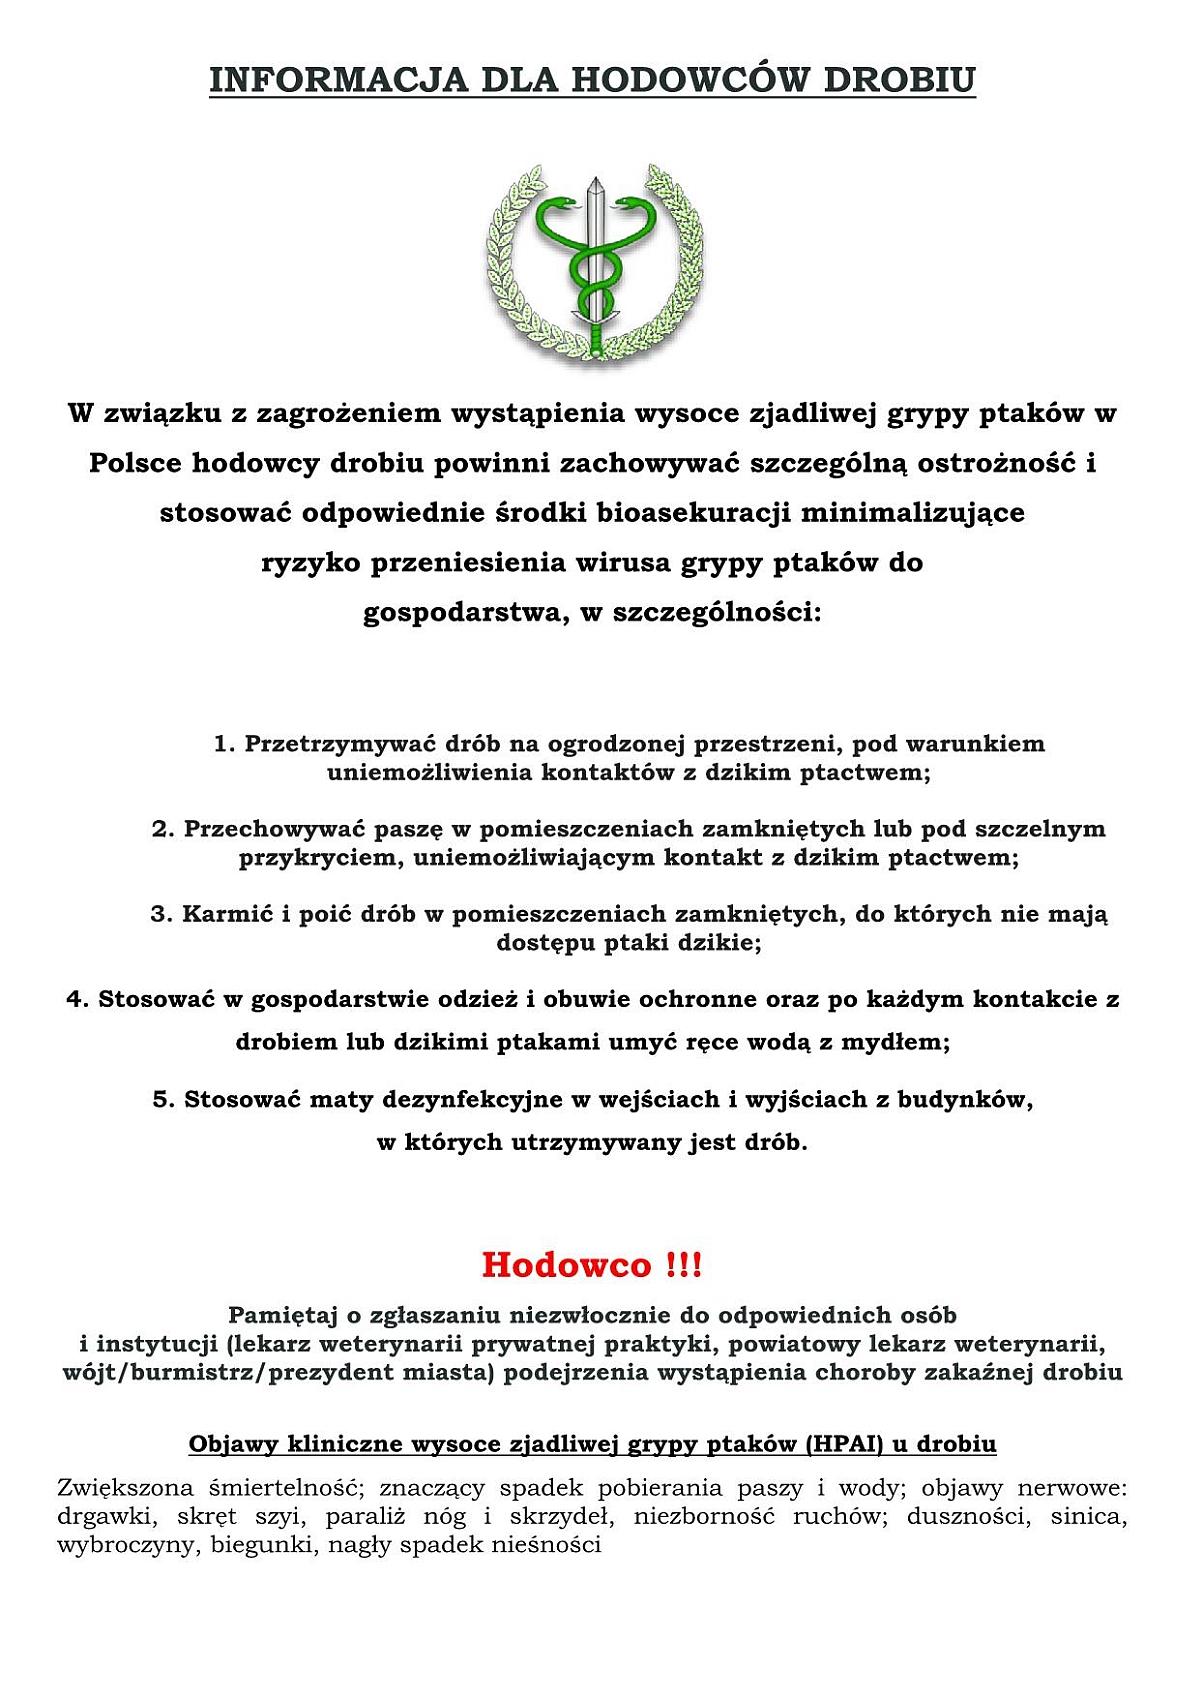 informacja_dla_hodowcow_drobiu_1.jpg